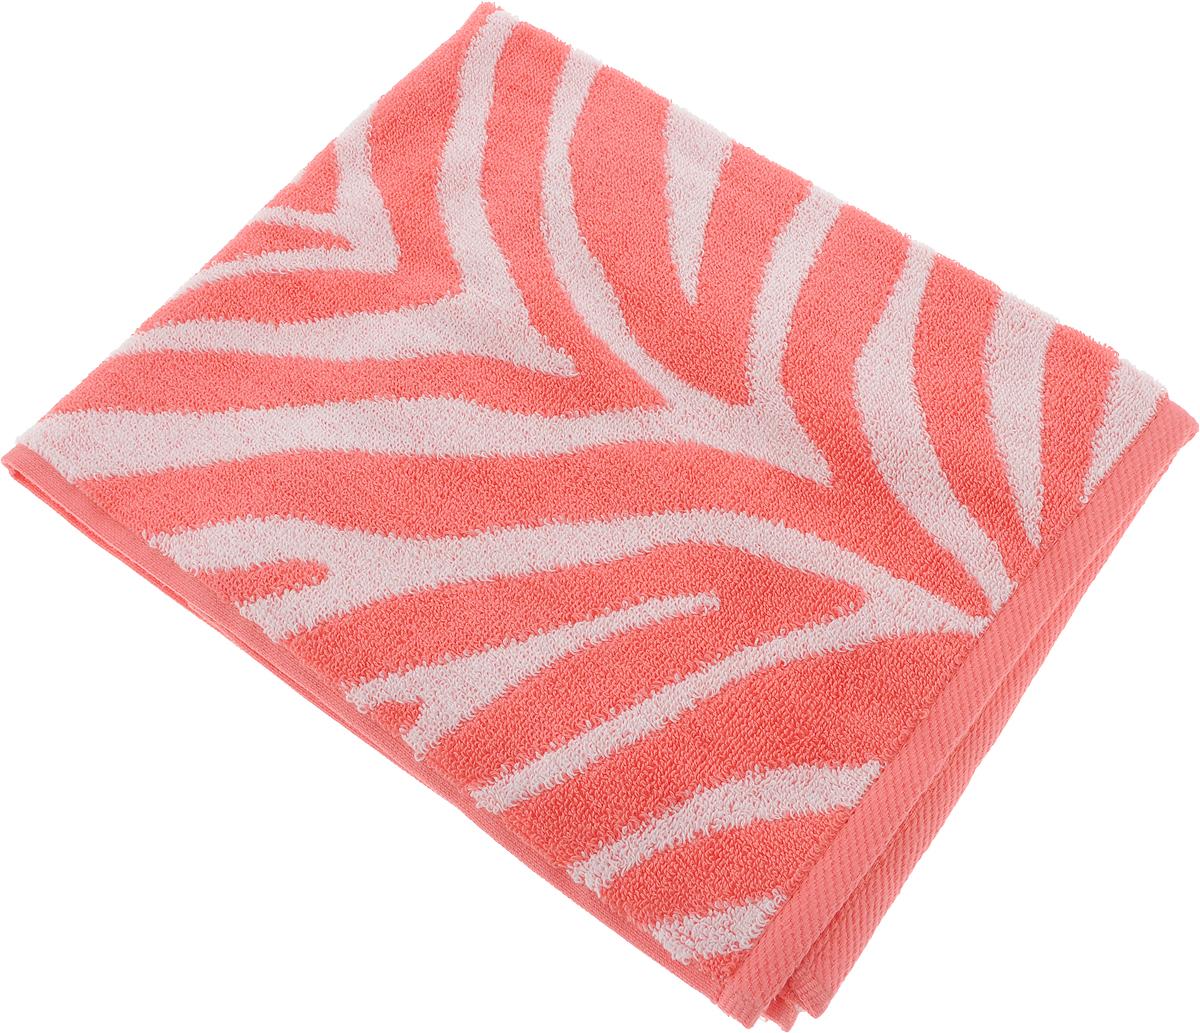 Полотенце Aquarelle Мадагаскар. Зебра, цвет: белый, коралловый, 50 х 90 см713165Махровое полотенце Aquarelle Мадагаскар. Зебра изготовлено из натурального 100% хлопка.Это мягкое и нежное полотенце добавит ярких красок и позитивного настроя в каждый день. Изделие отлично впитывает влагу, быстро сохнет, сохраняет яркость цвета даже после многократных стирок.